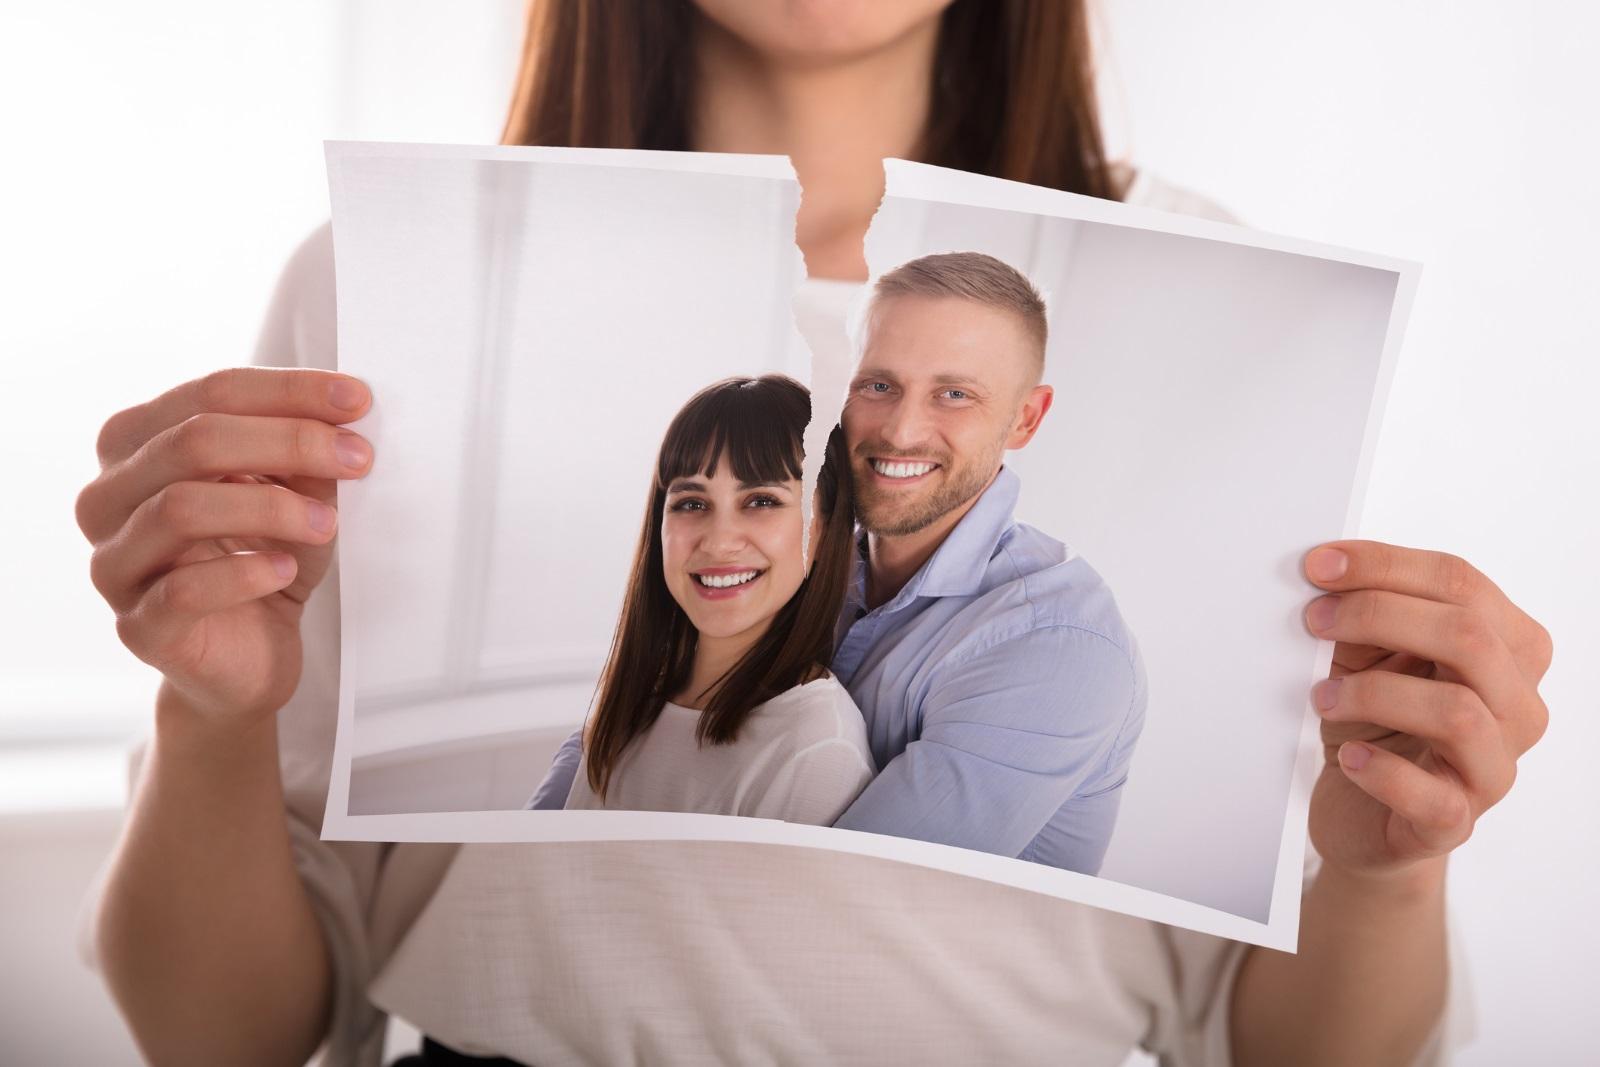 Овен: Могат да бъдат доста ревниви. Наблюдават бившите си в социалните мрежи или черпят информация за тях от общи приятели. Когато забележат, че бившата им половинка е щастлива или е намерила нова любов, стават завистливи и така вредят и на самите себе си.